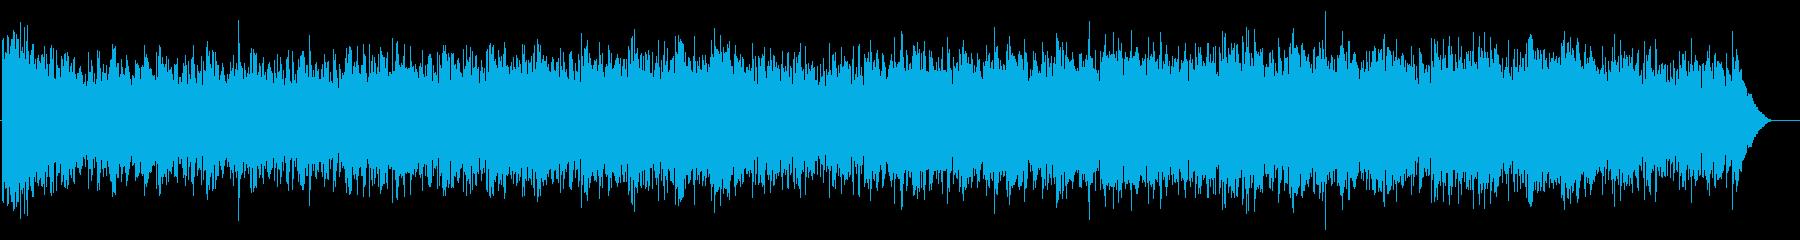 サスペンス、バイオレンスなどのBGMにの再生済みの波形